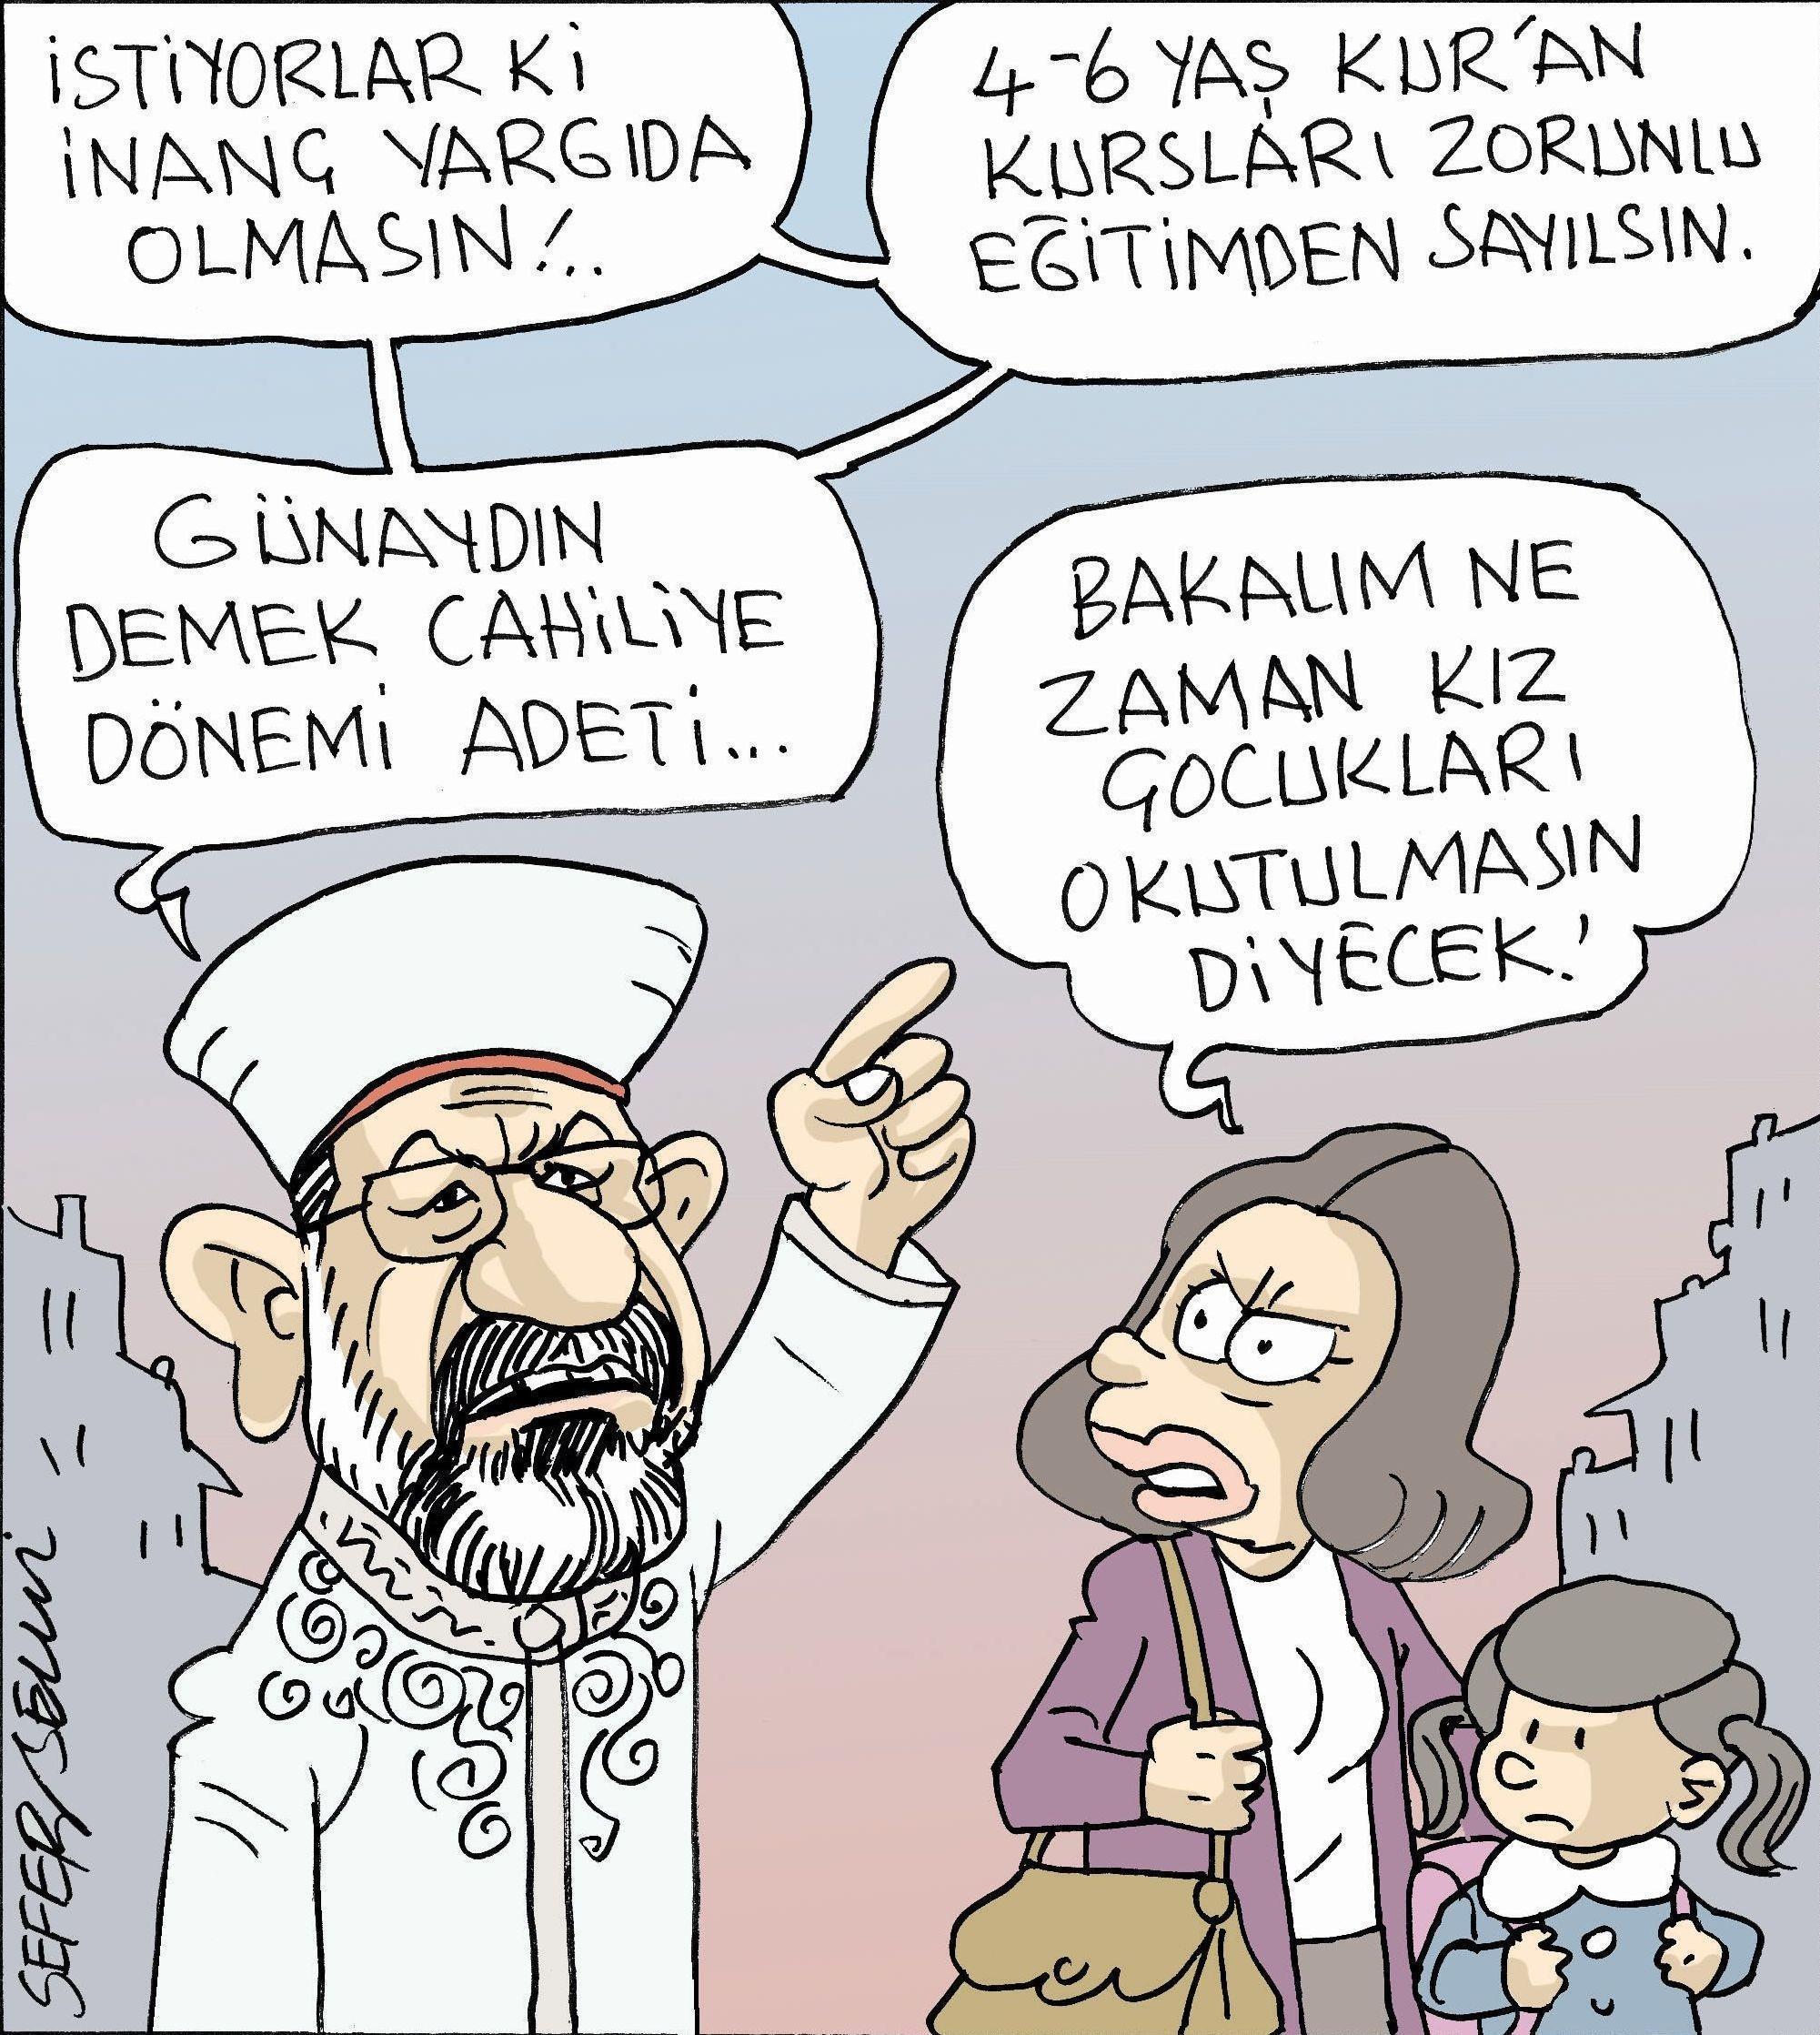 Ali Erbaş: Günaydın demek cahiliye dönemi adeti!